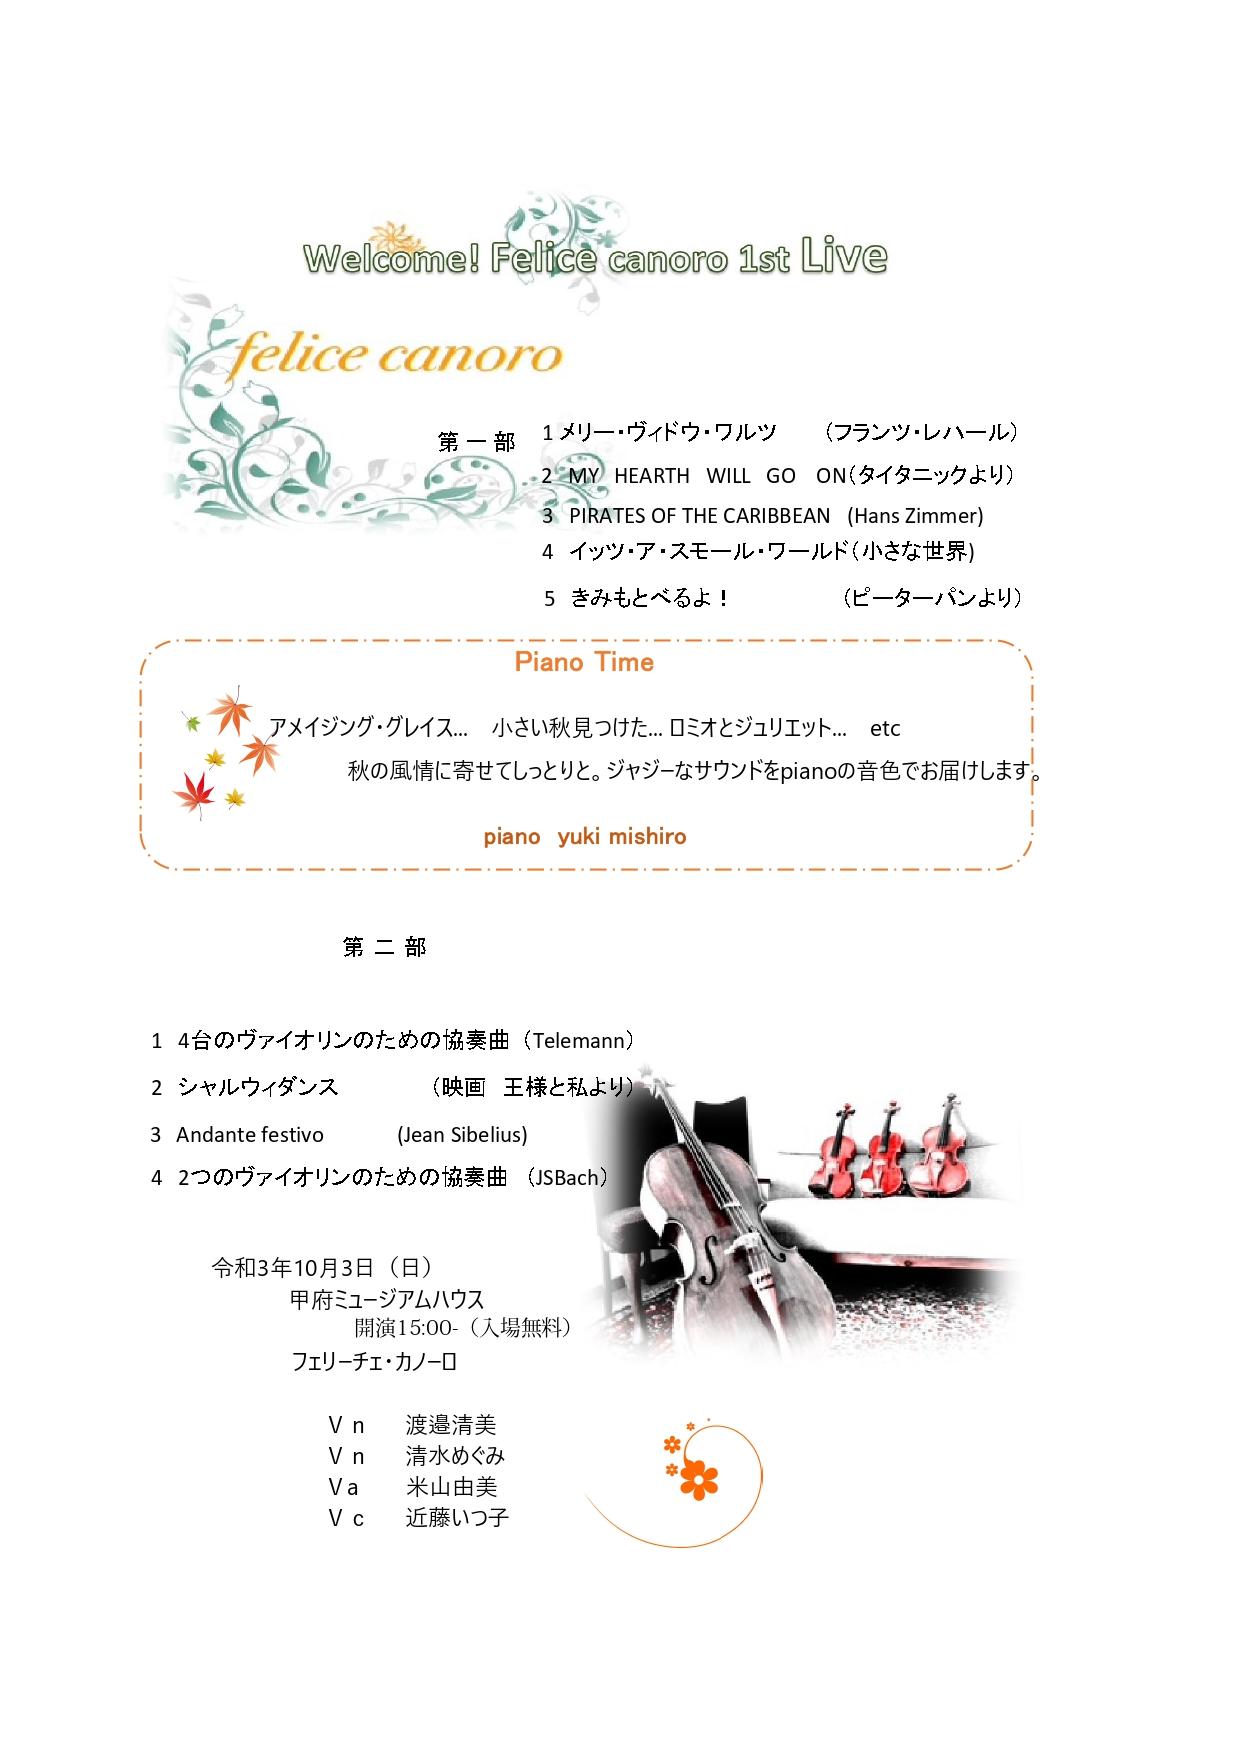 10/3(日)フェリーチェ・カノーロ 1st Live開催のお知らせ